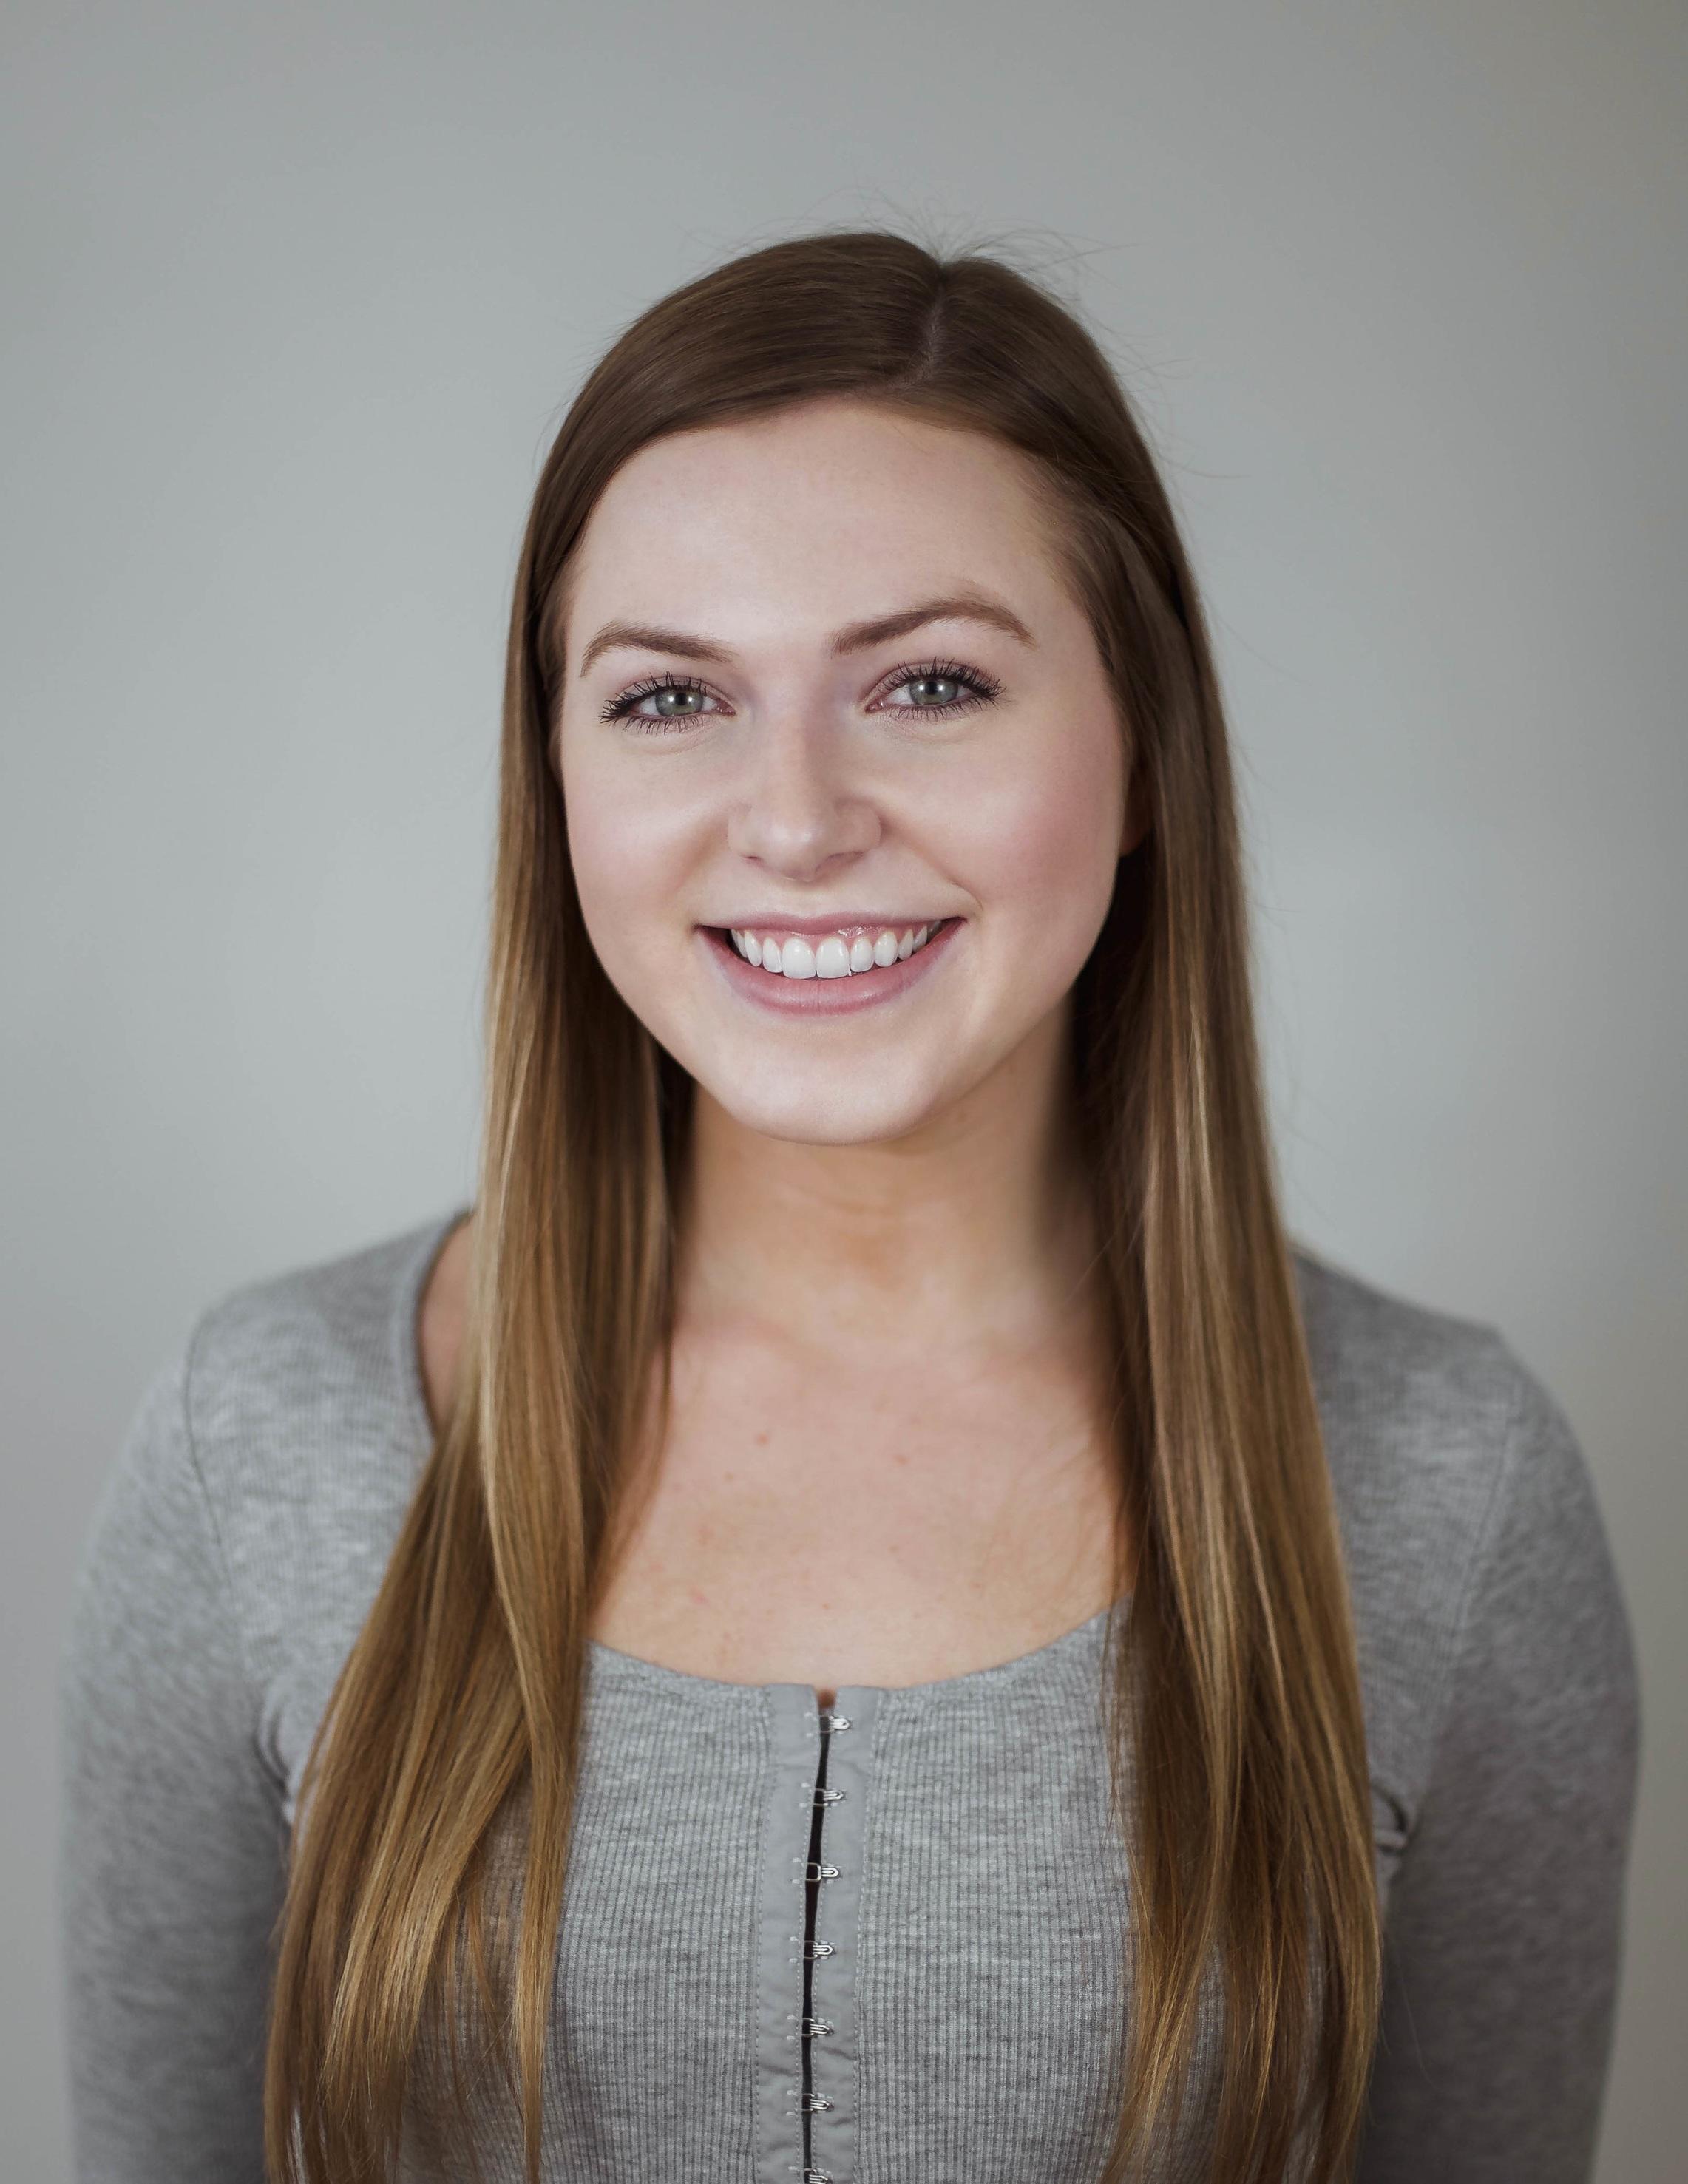 Jenna Stover